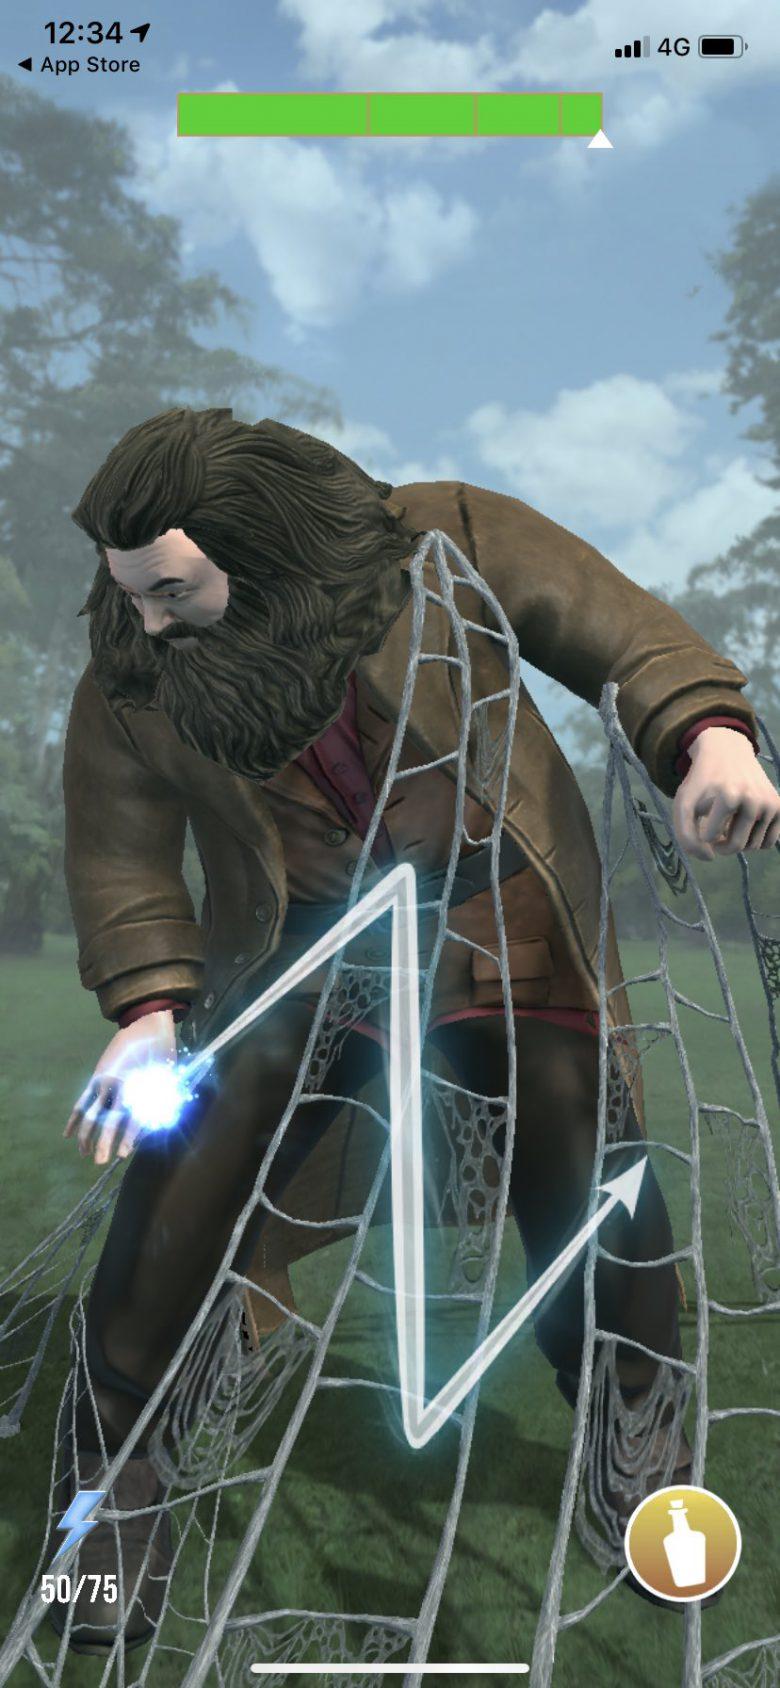 ハグリッドを捕獲するという意味不明なゲーム『ハリーポッター:魔法同盟』(笑)